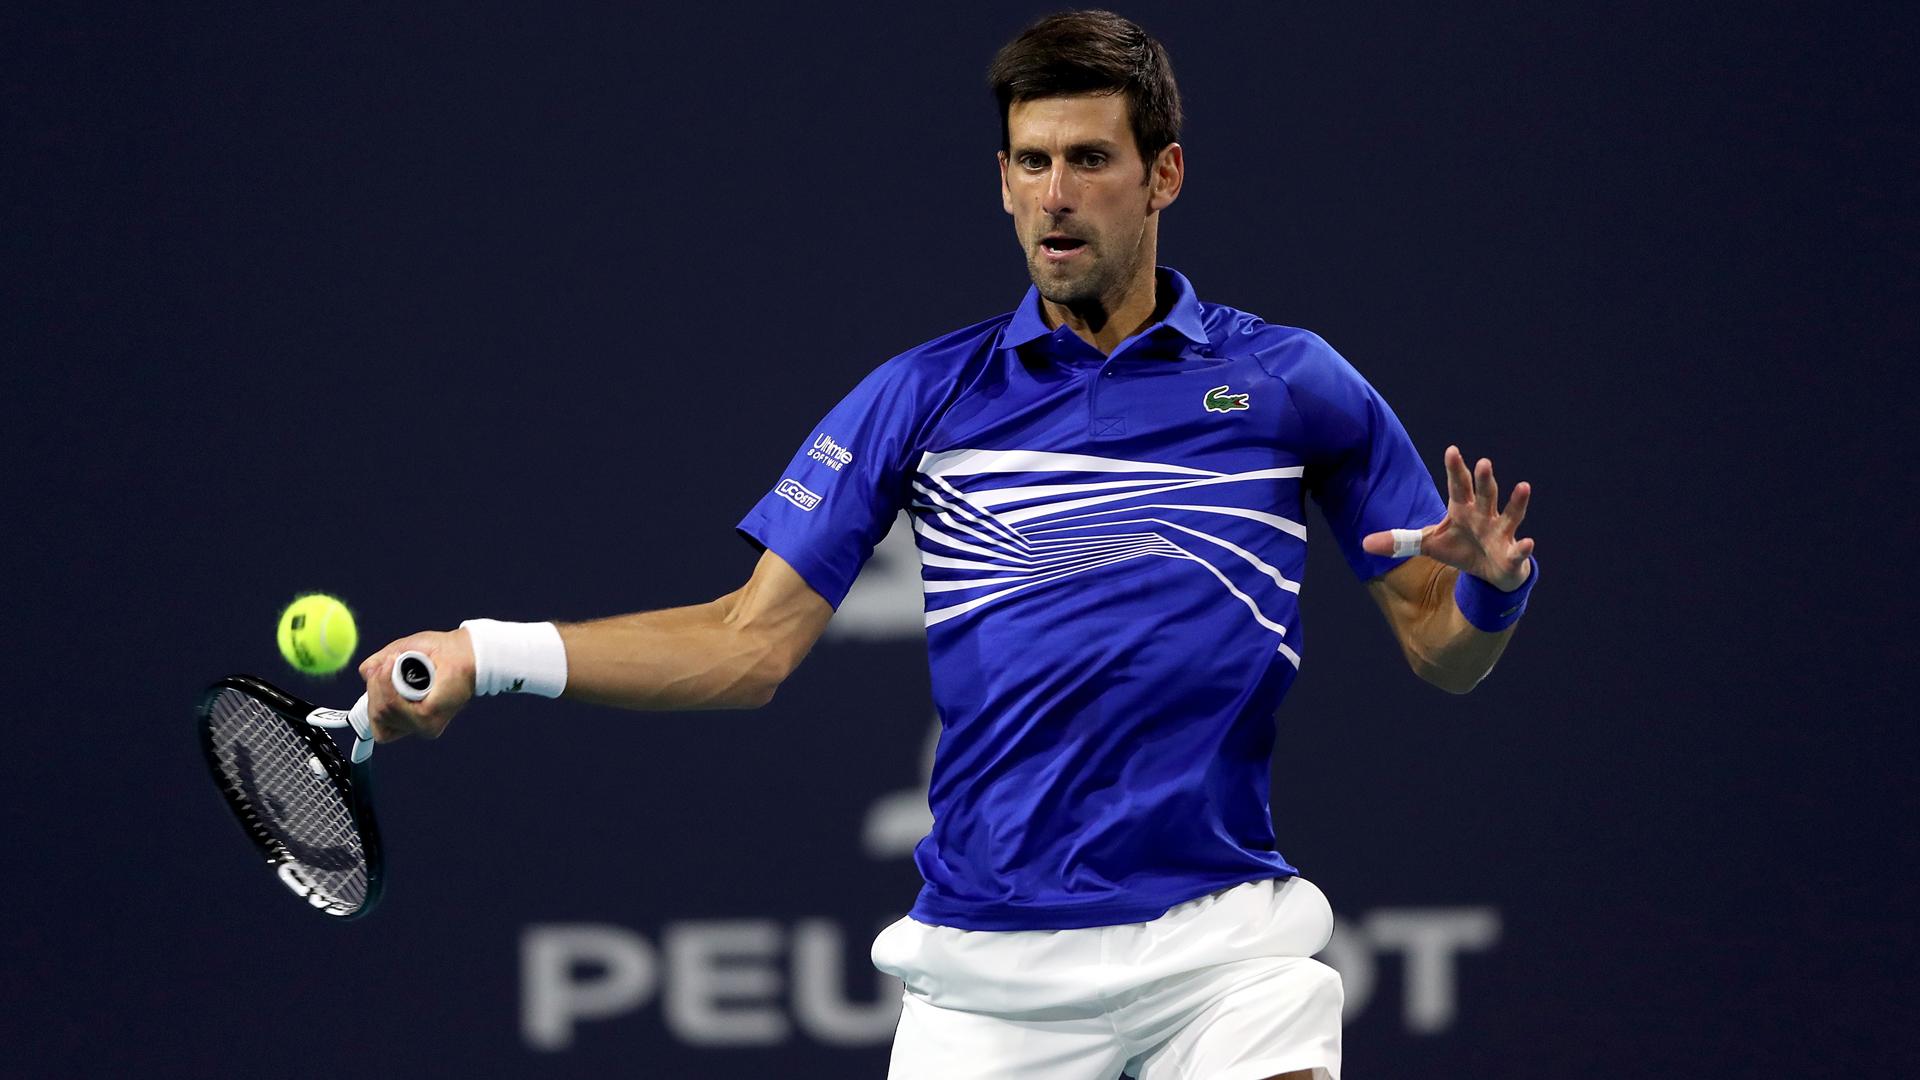 Djokovic overcomes Delbonis in Miami